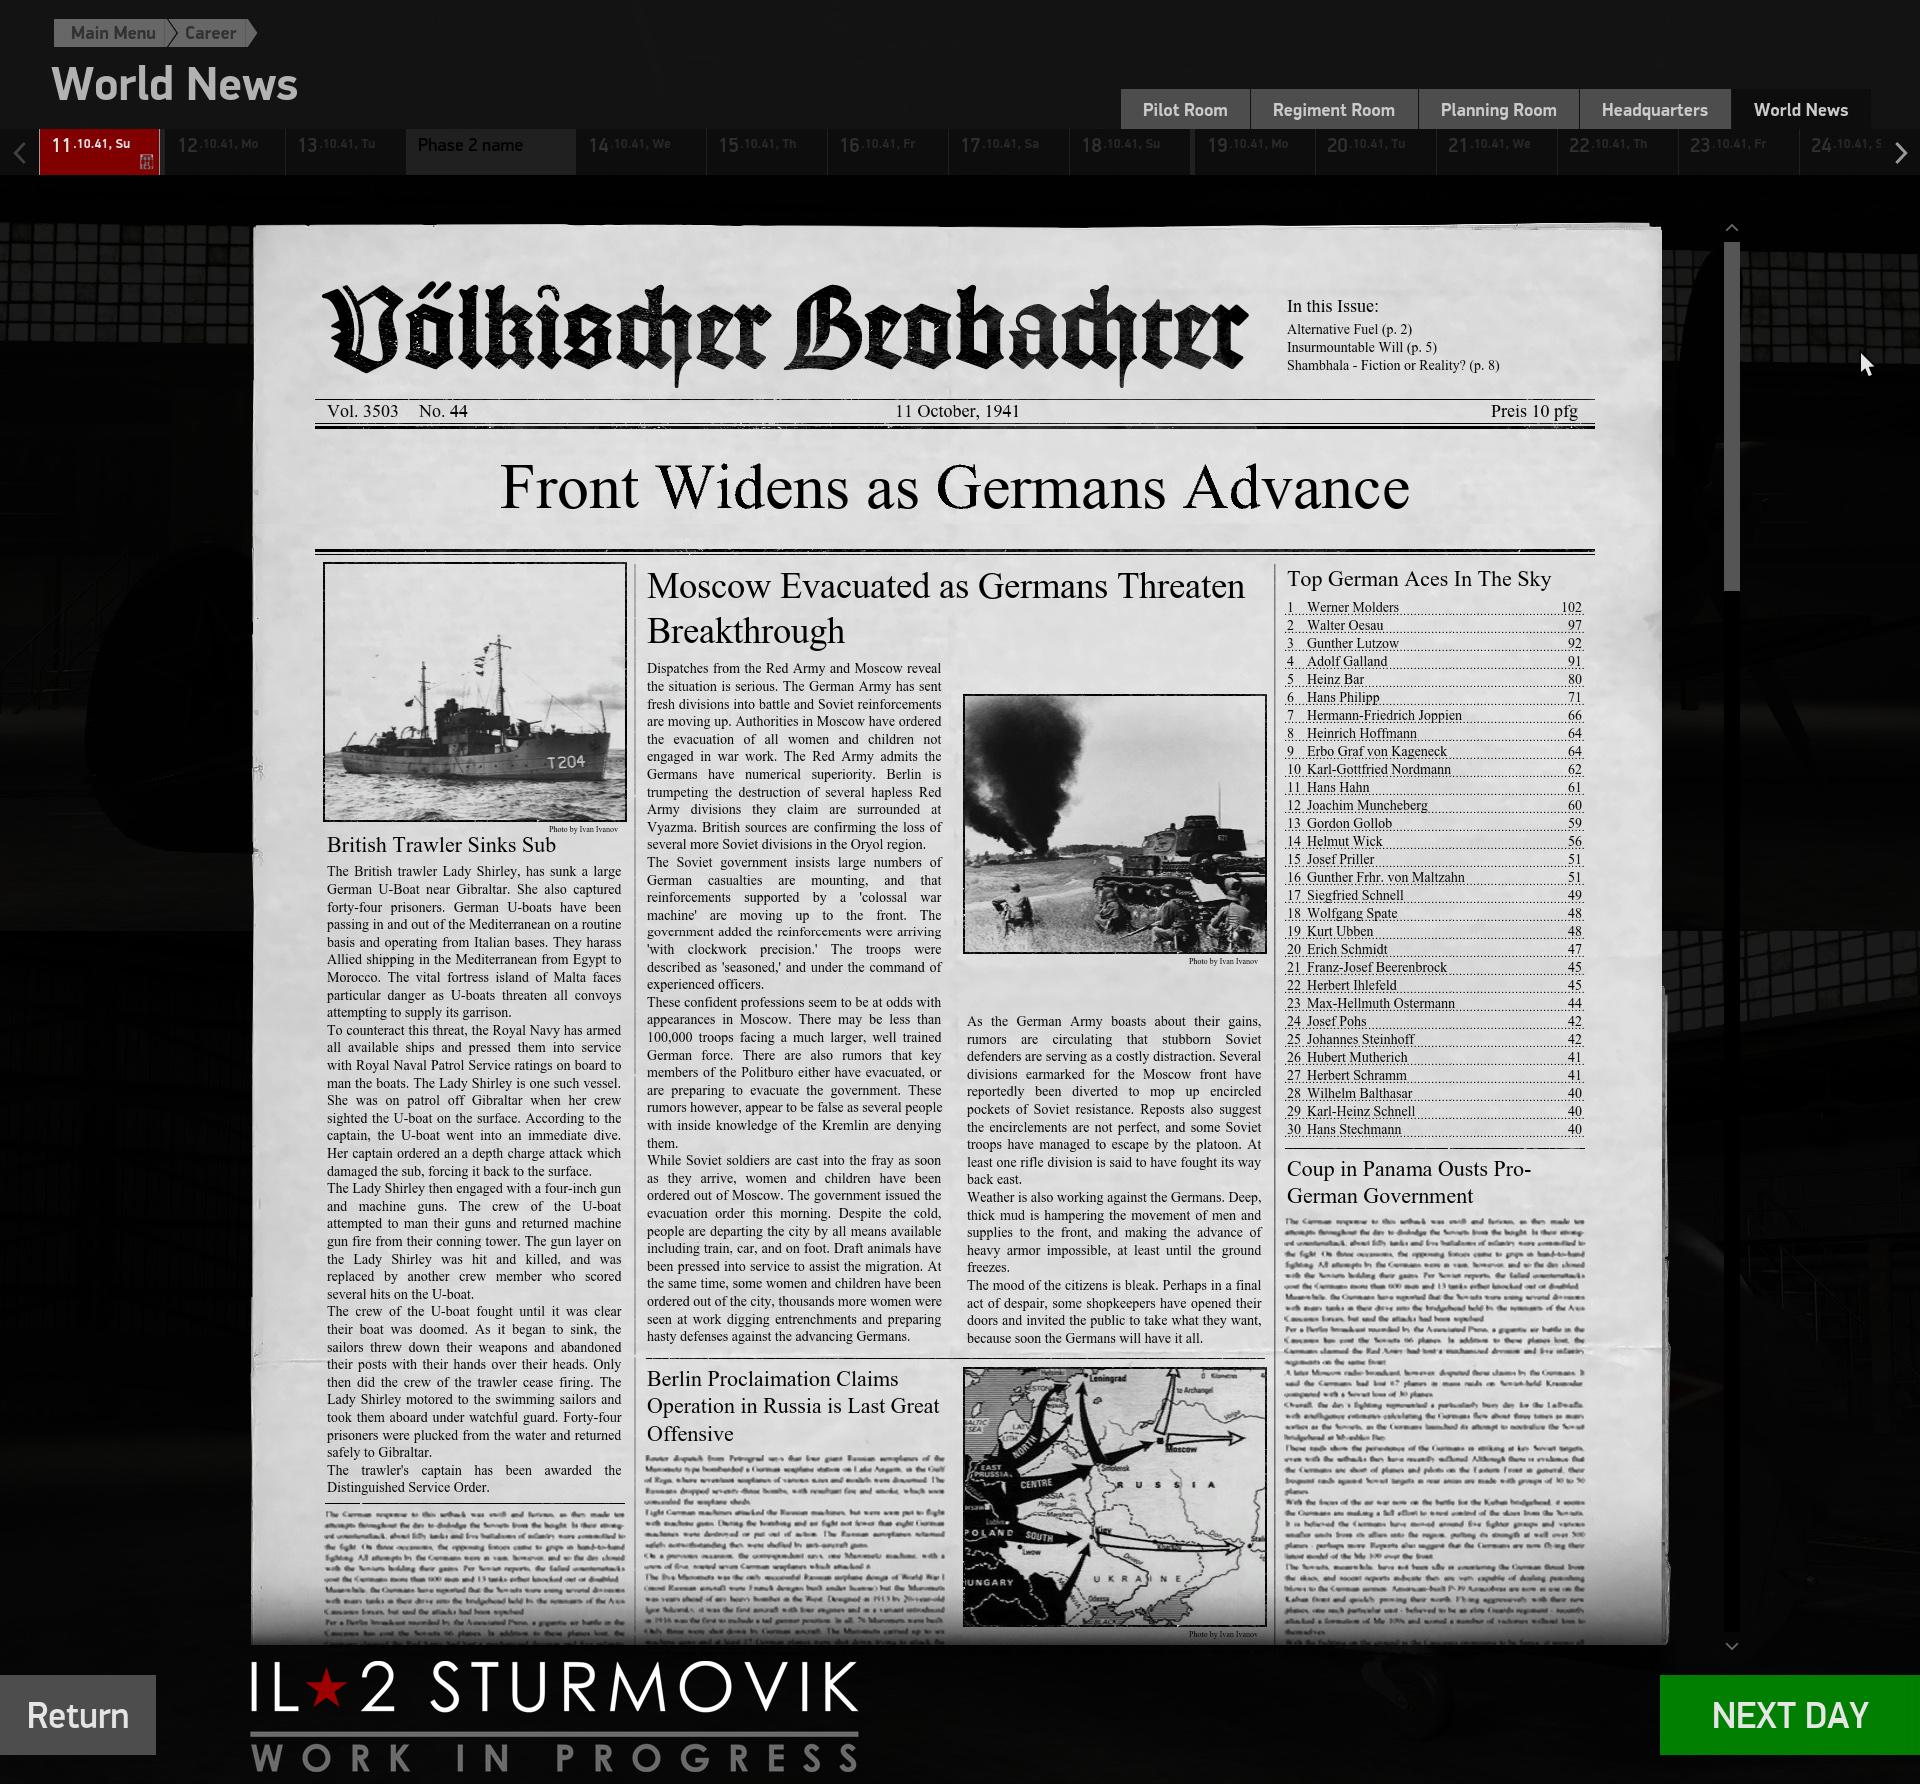 il2sturmovik.com/m/2017/10/news1.jpg